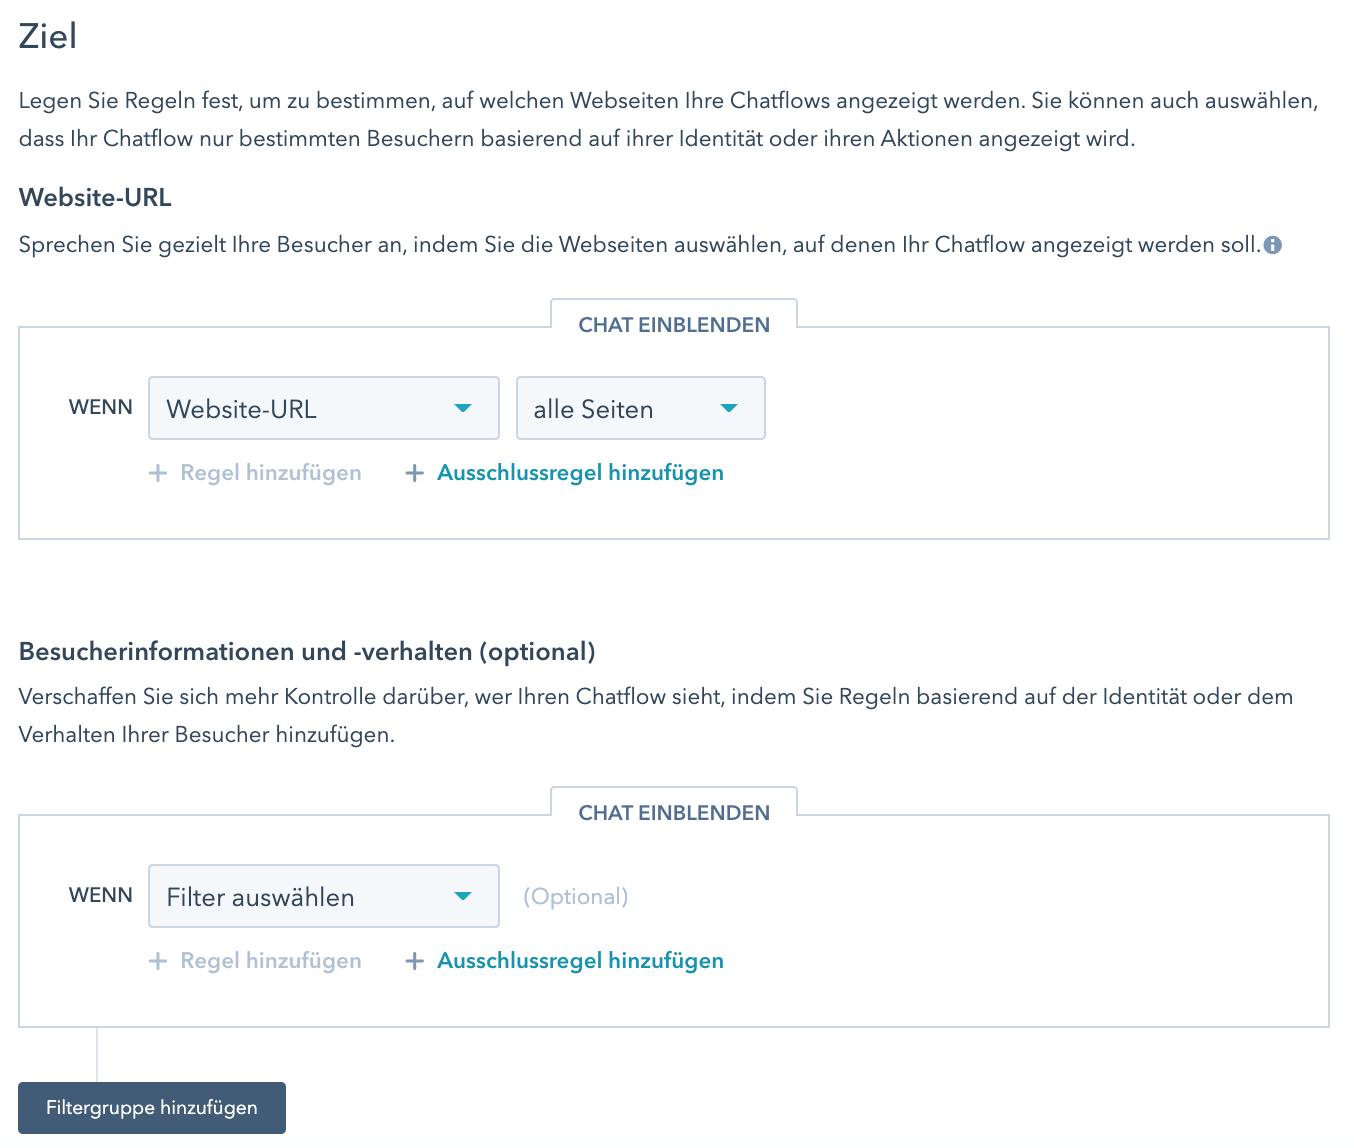 Einstellen auf welcher Seite der Live Chat angezeigt werden soll